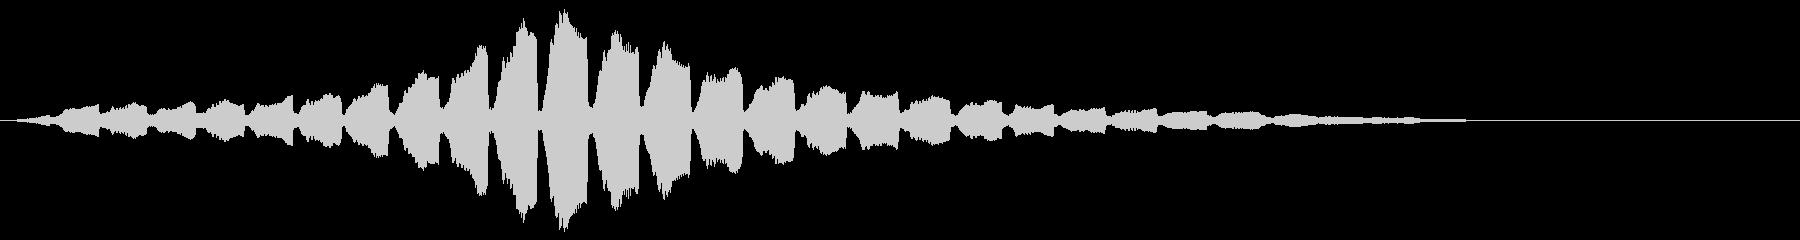 「サイレン」救急車/緊急_002の未再生の波形